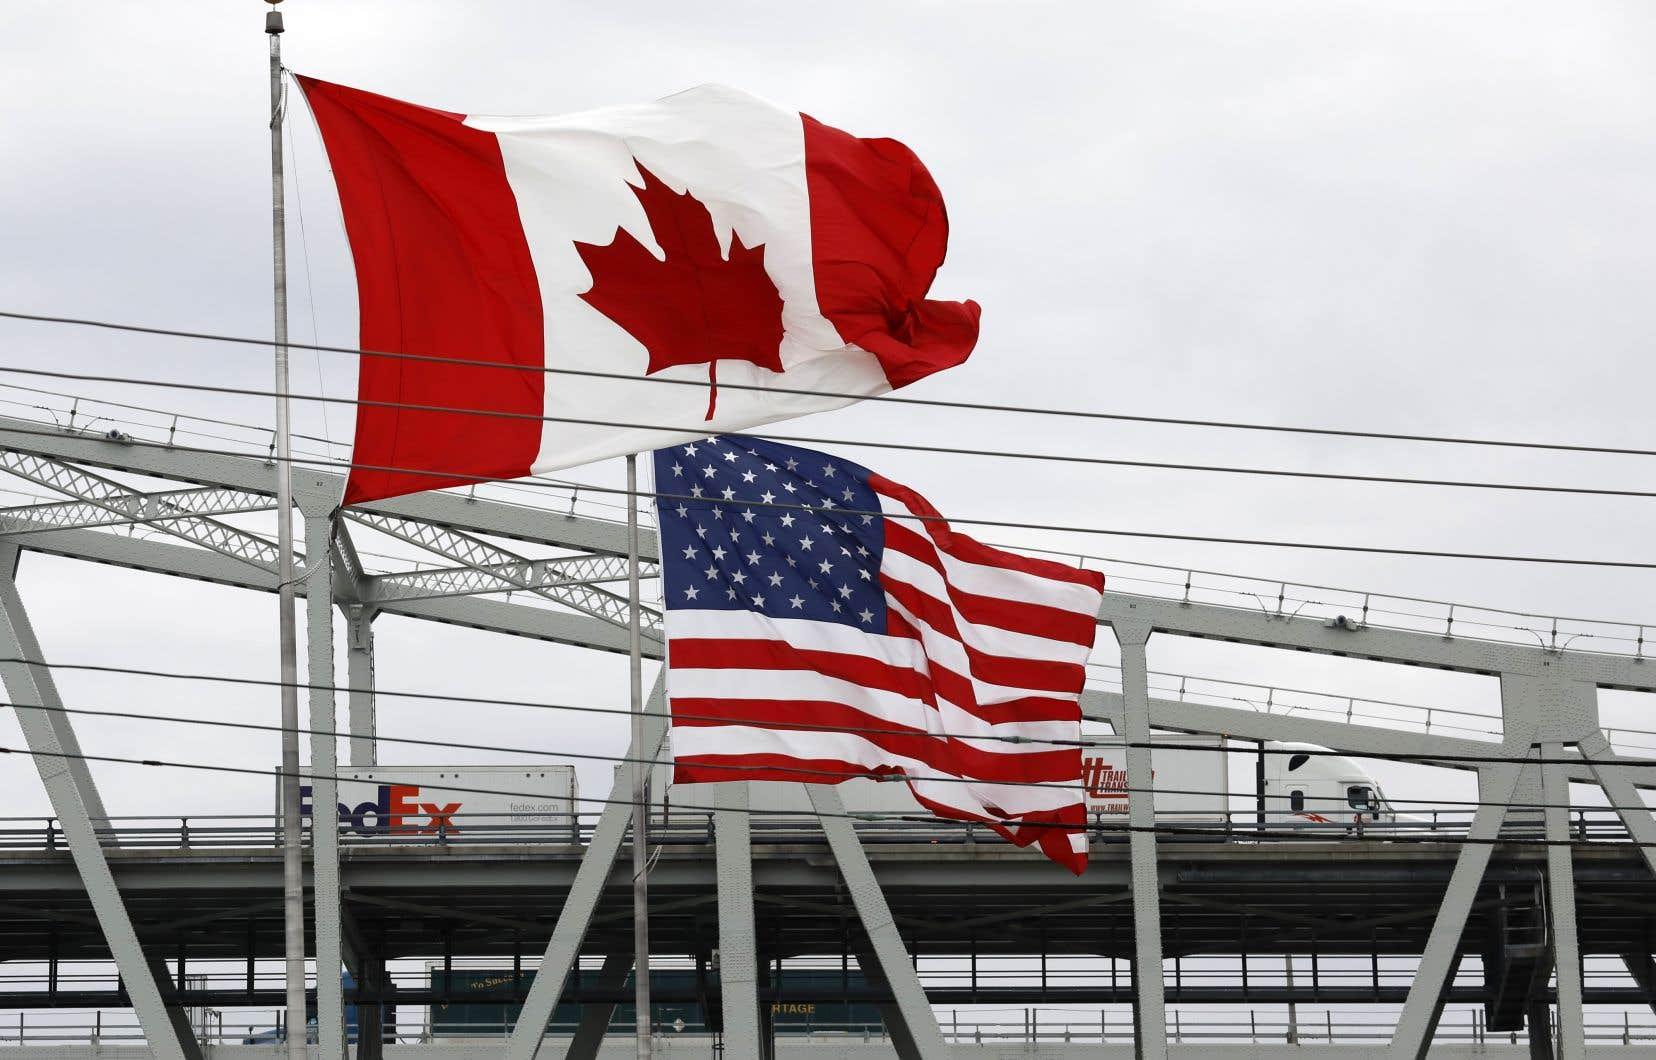 Le Canada et les États-Unis ont déjà des dispositions «d'achat national» tirées des accords commerciaux existants. Les achats militaires, par exemple, excluent les fournisseurs étrangers.